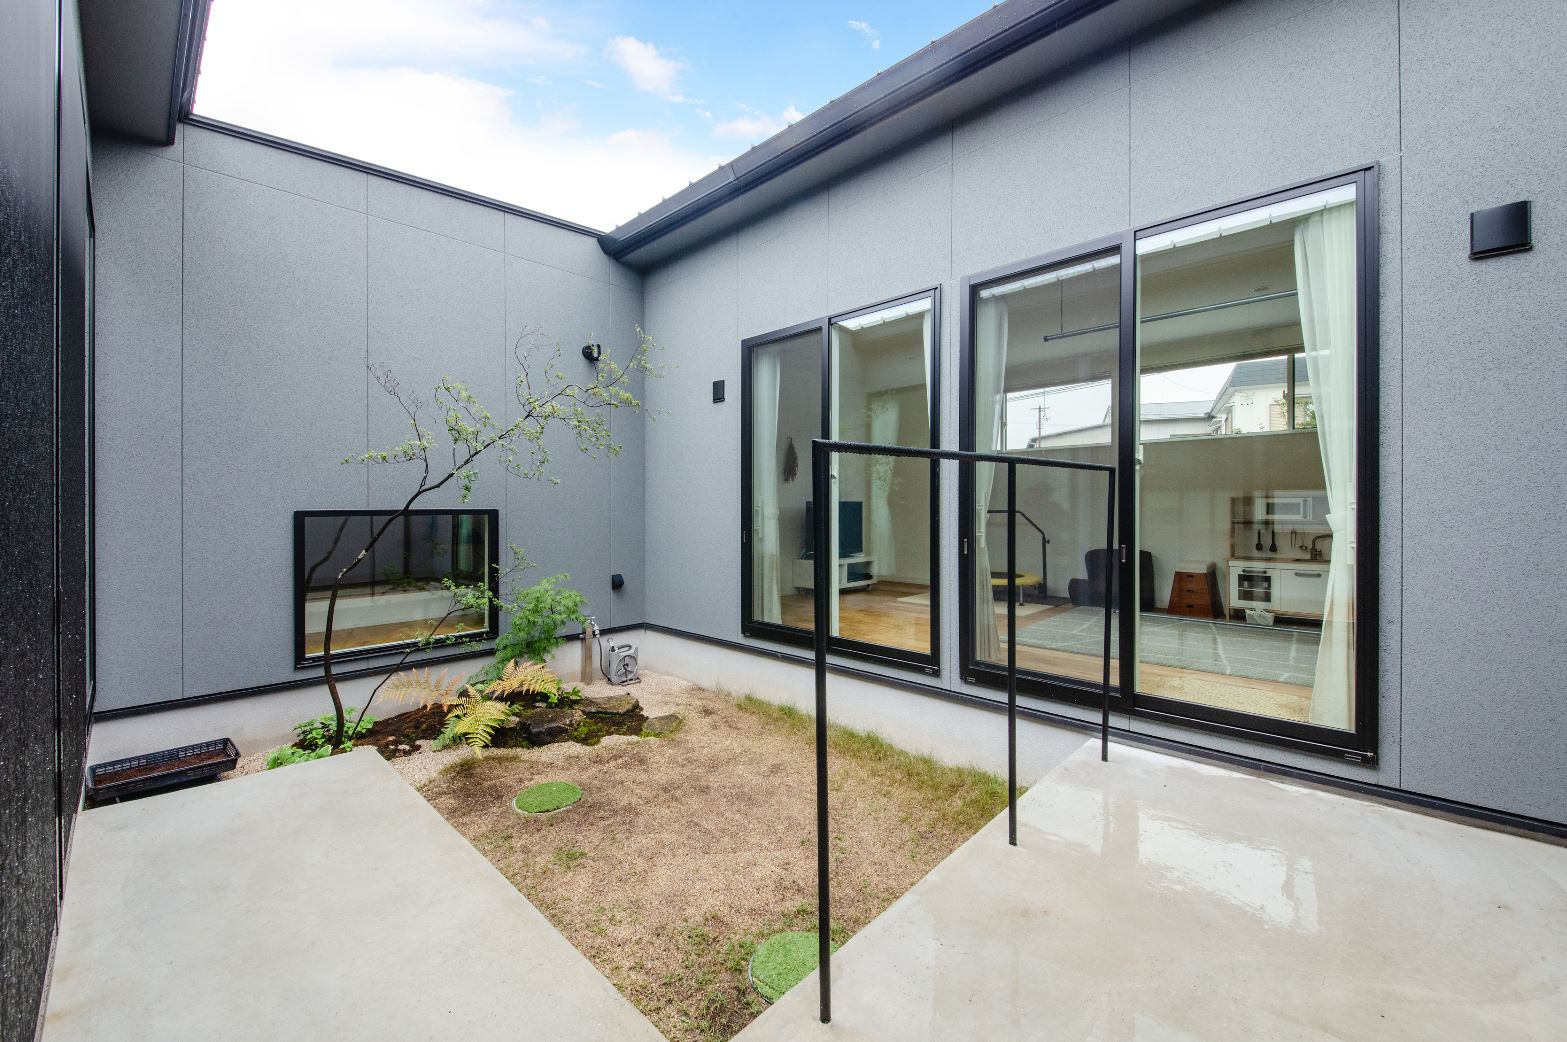 S.CONNECT(エスコネクト)【デザイン住宅、間取り、平屋】「ロの字」型の間取りにすることで、リビングにいても、家事をしている時も、顔を上げれば中庭が見える